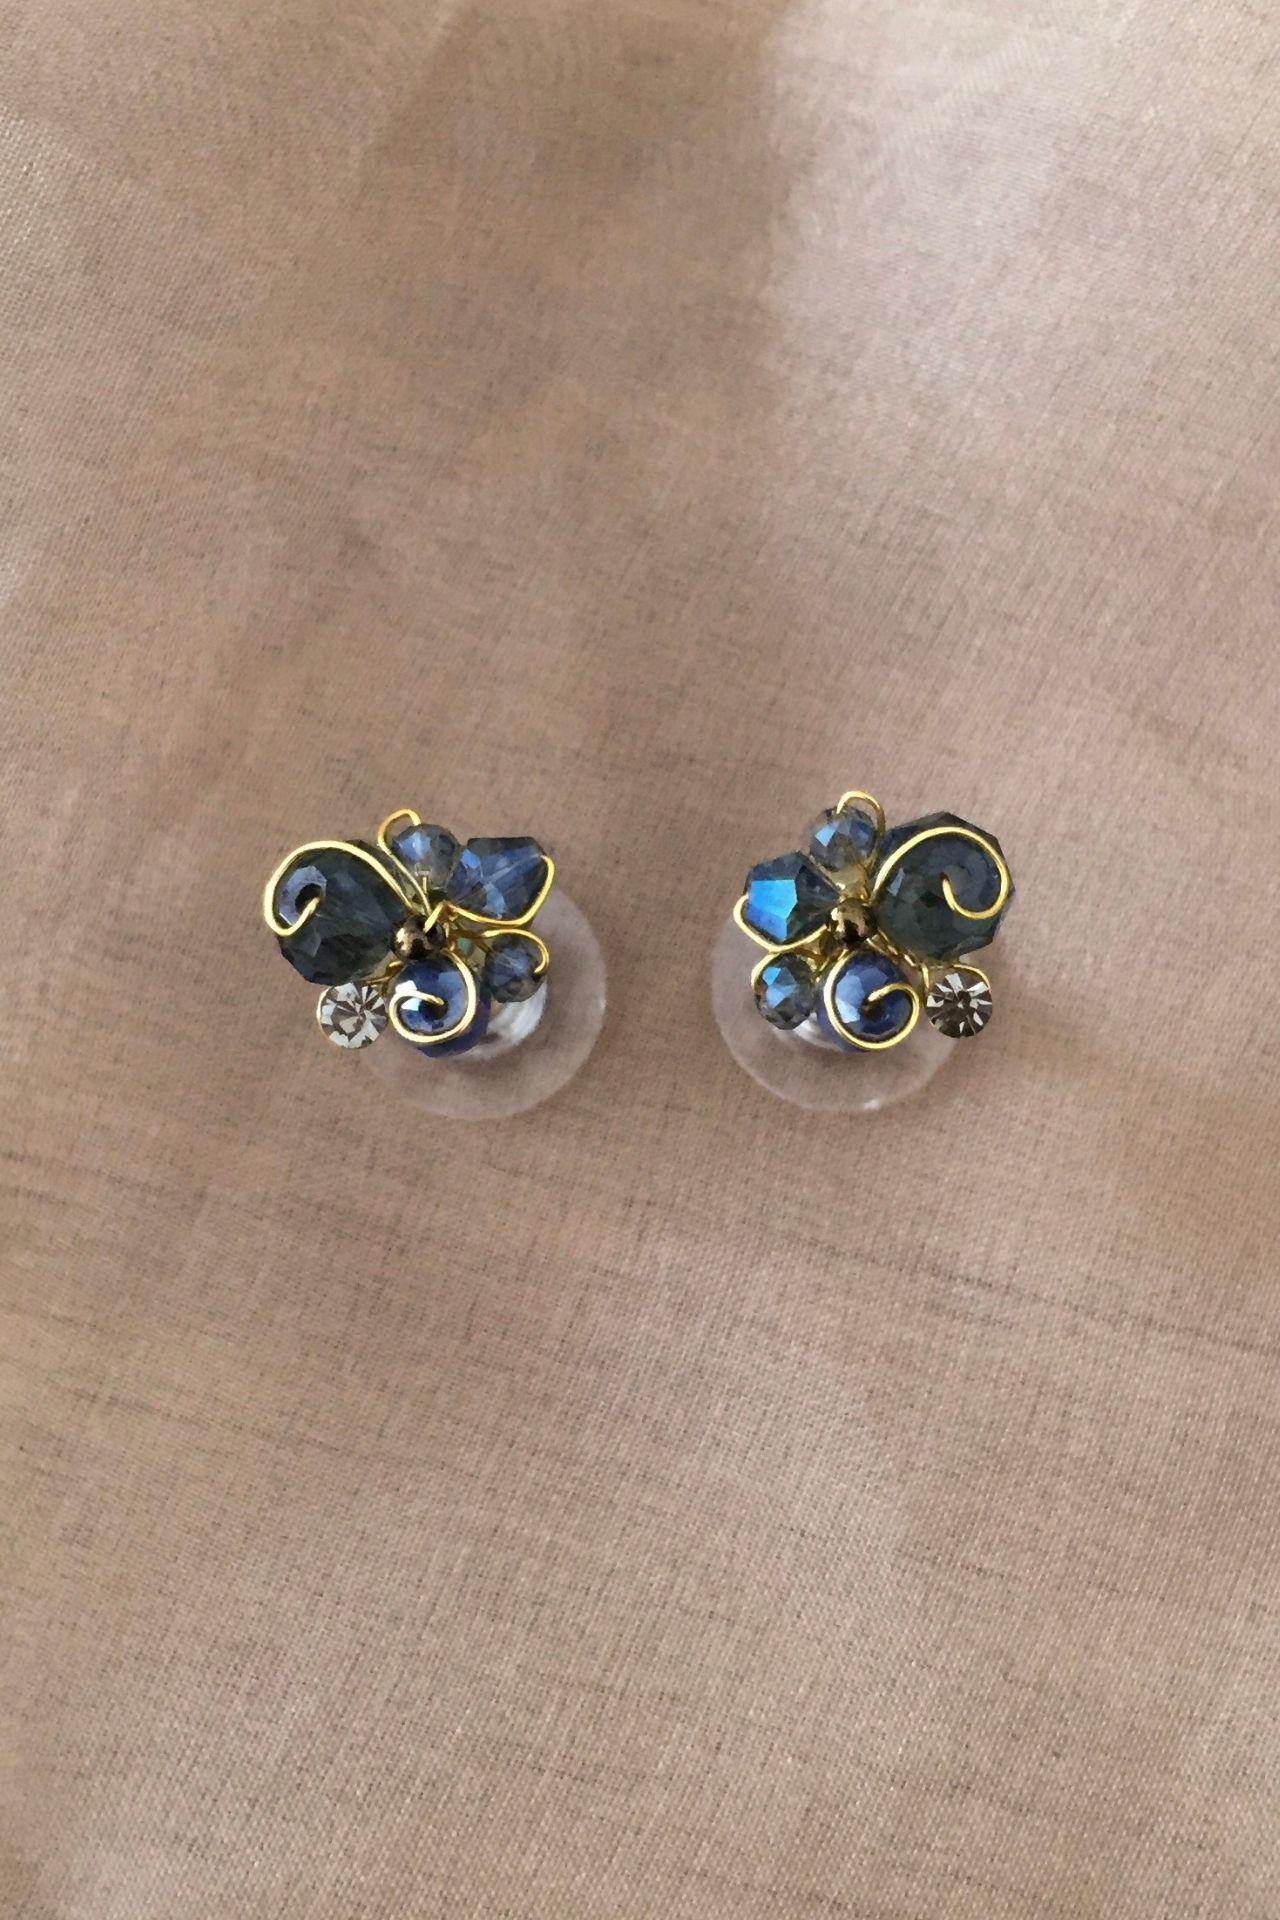 Aretes pequeños hechos a mano.  Alto: 1,2 cm  Ancho: 1,3 cm  Material: Alambre gold filled 18k y/o tinned copper  Acabado: Bañado en oro de 18k  Piedras: Murano y mostacilla